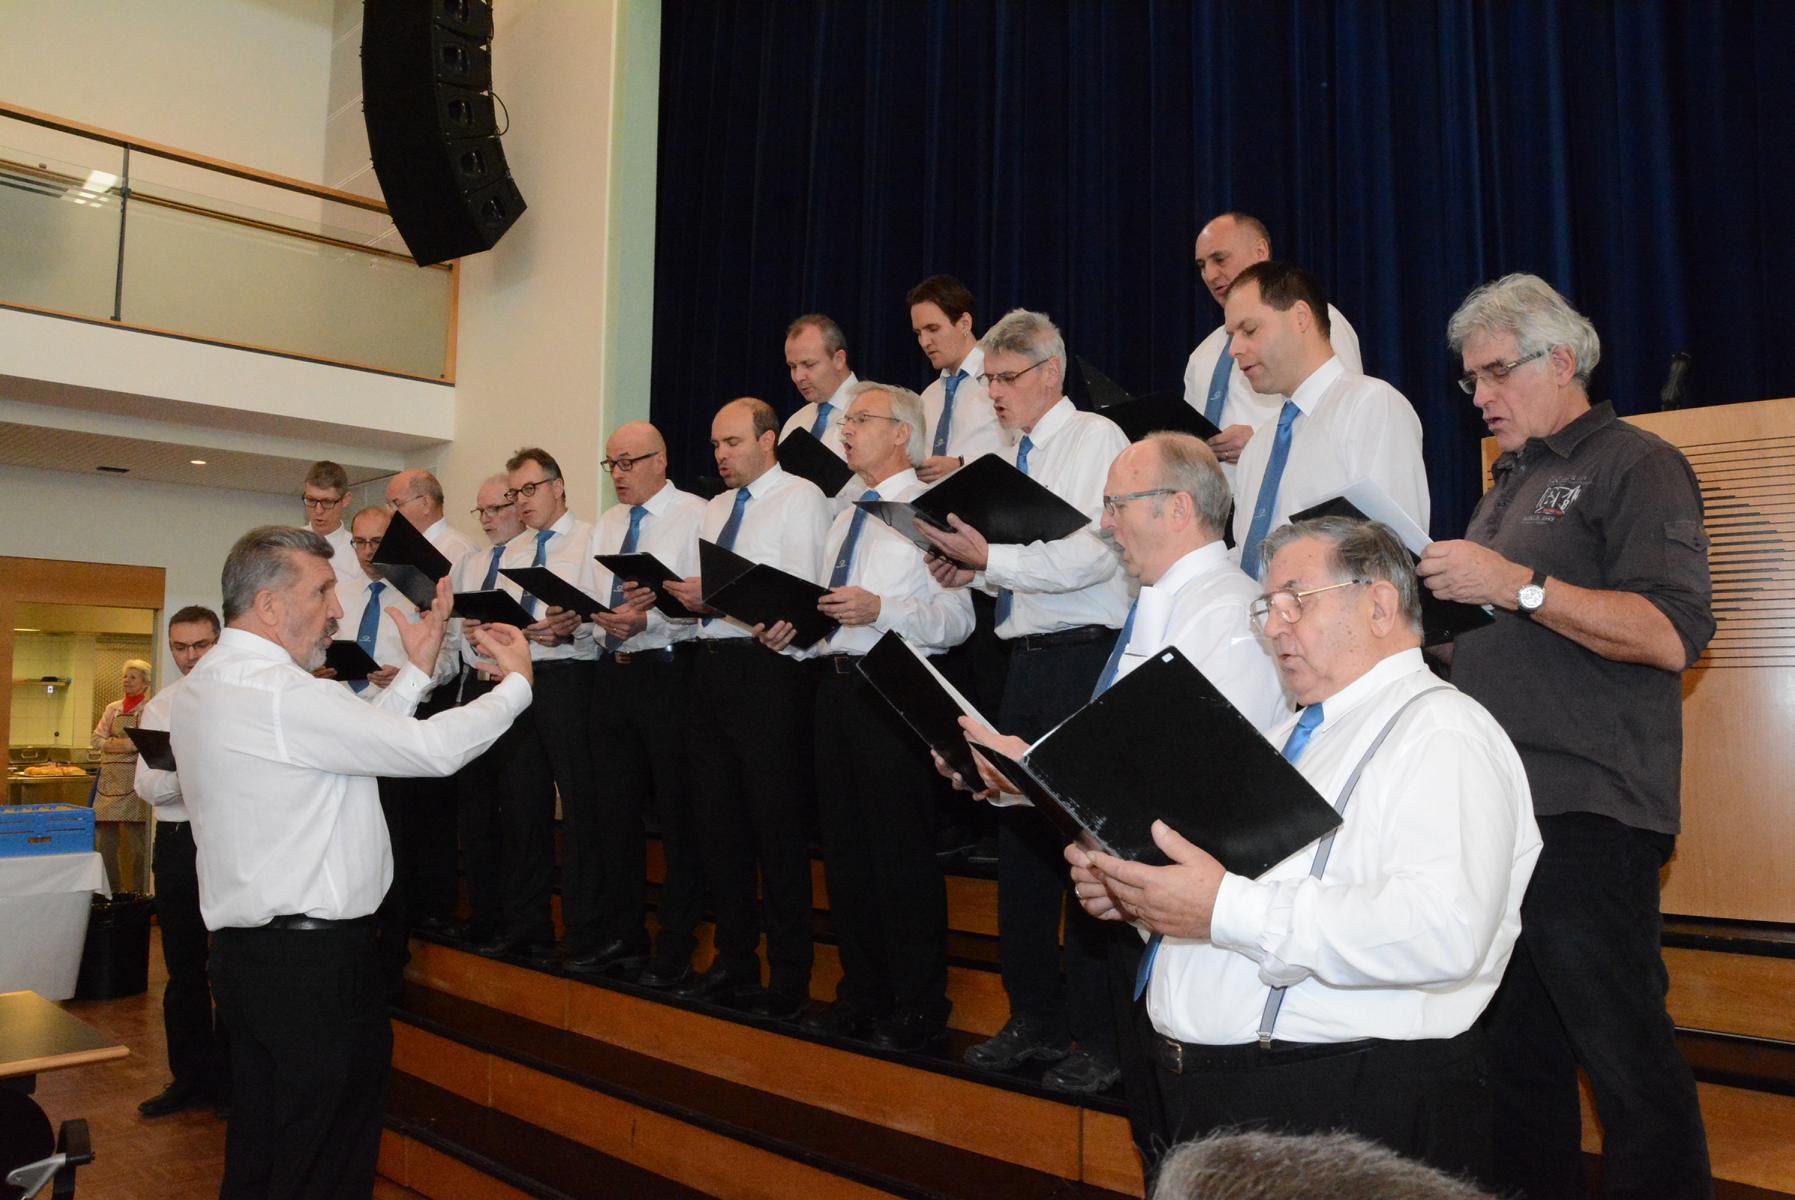 Zur Einstimmung in den Nachmittag singt der Männerchor 2 Lieder